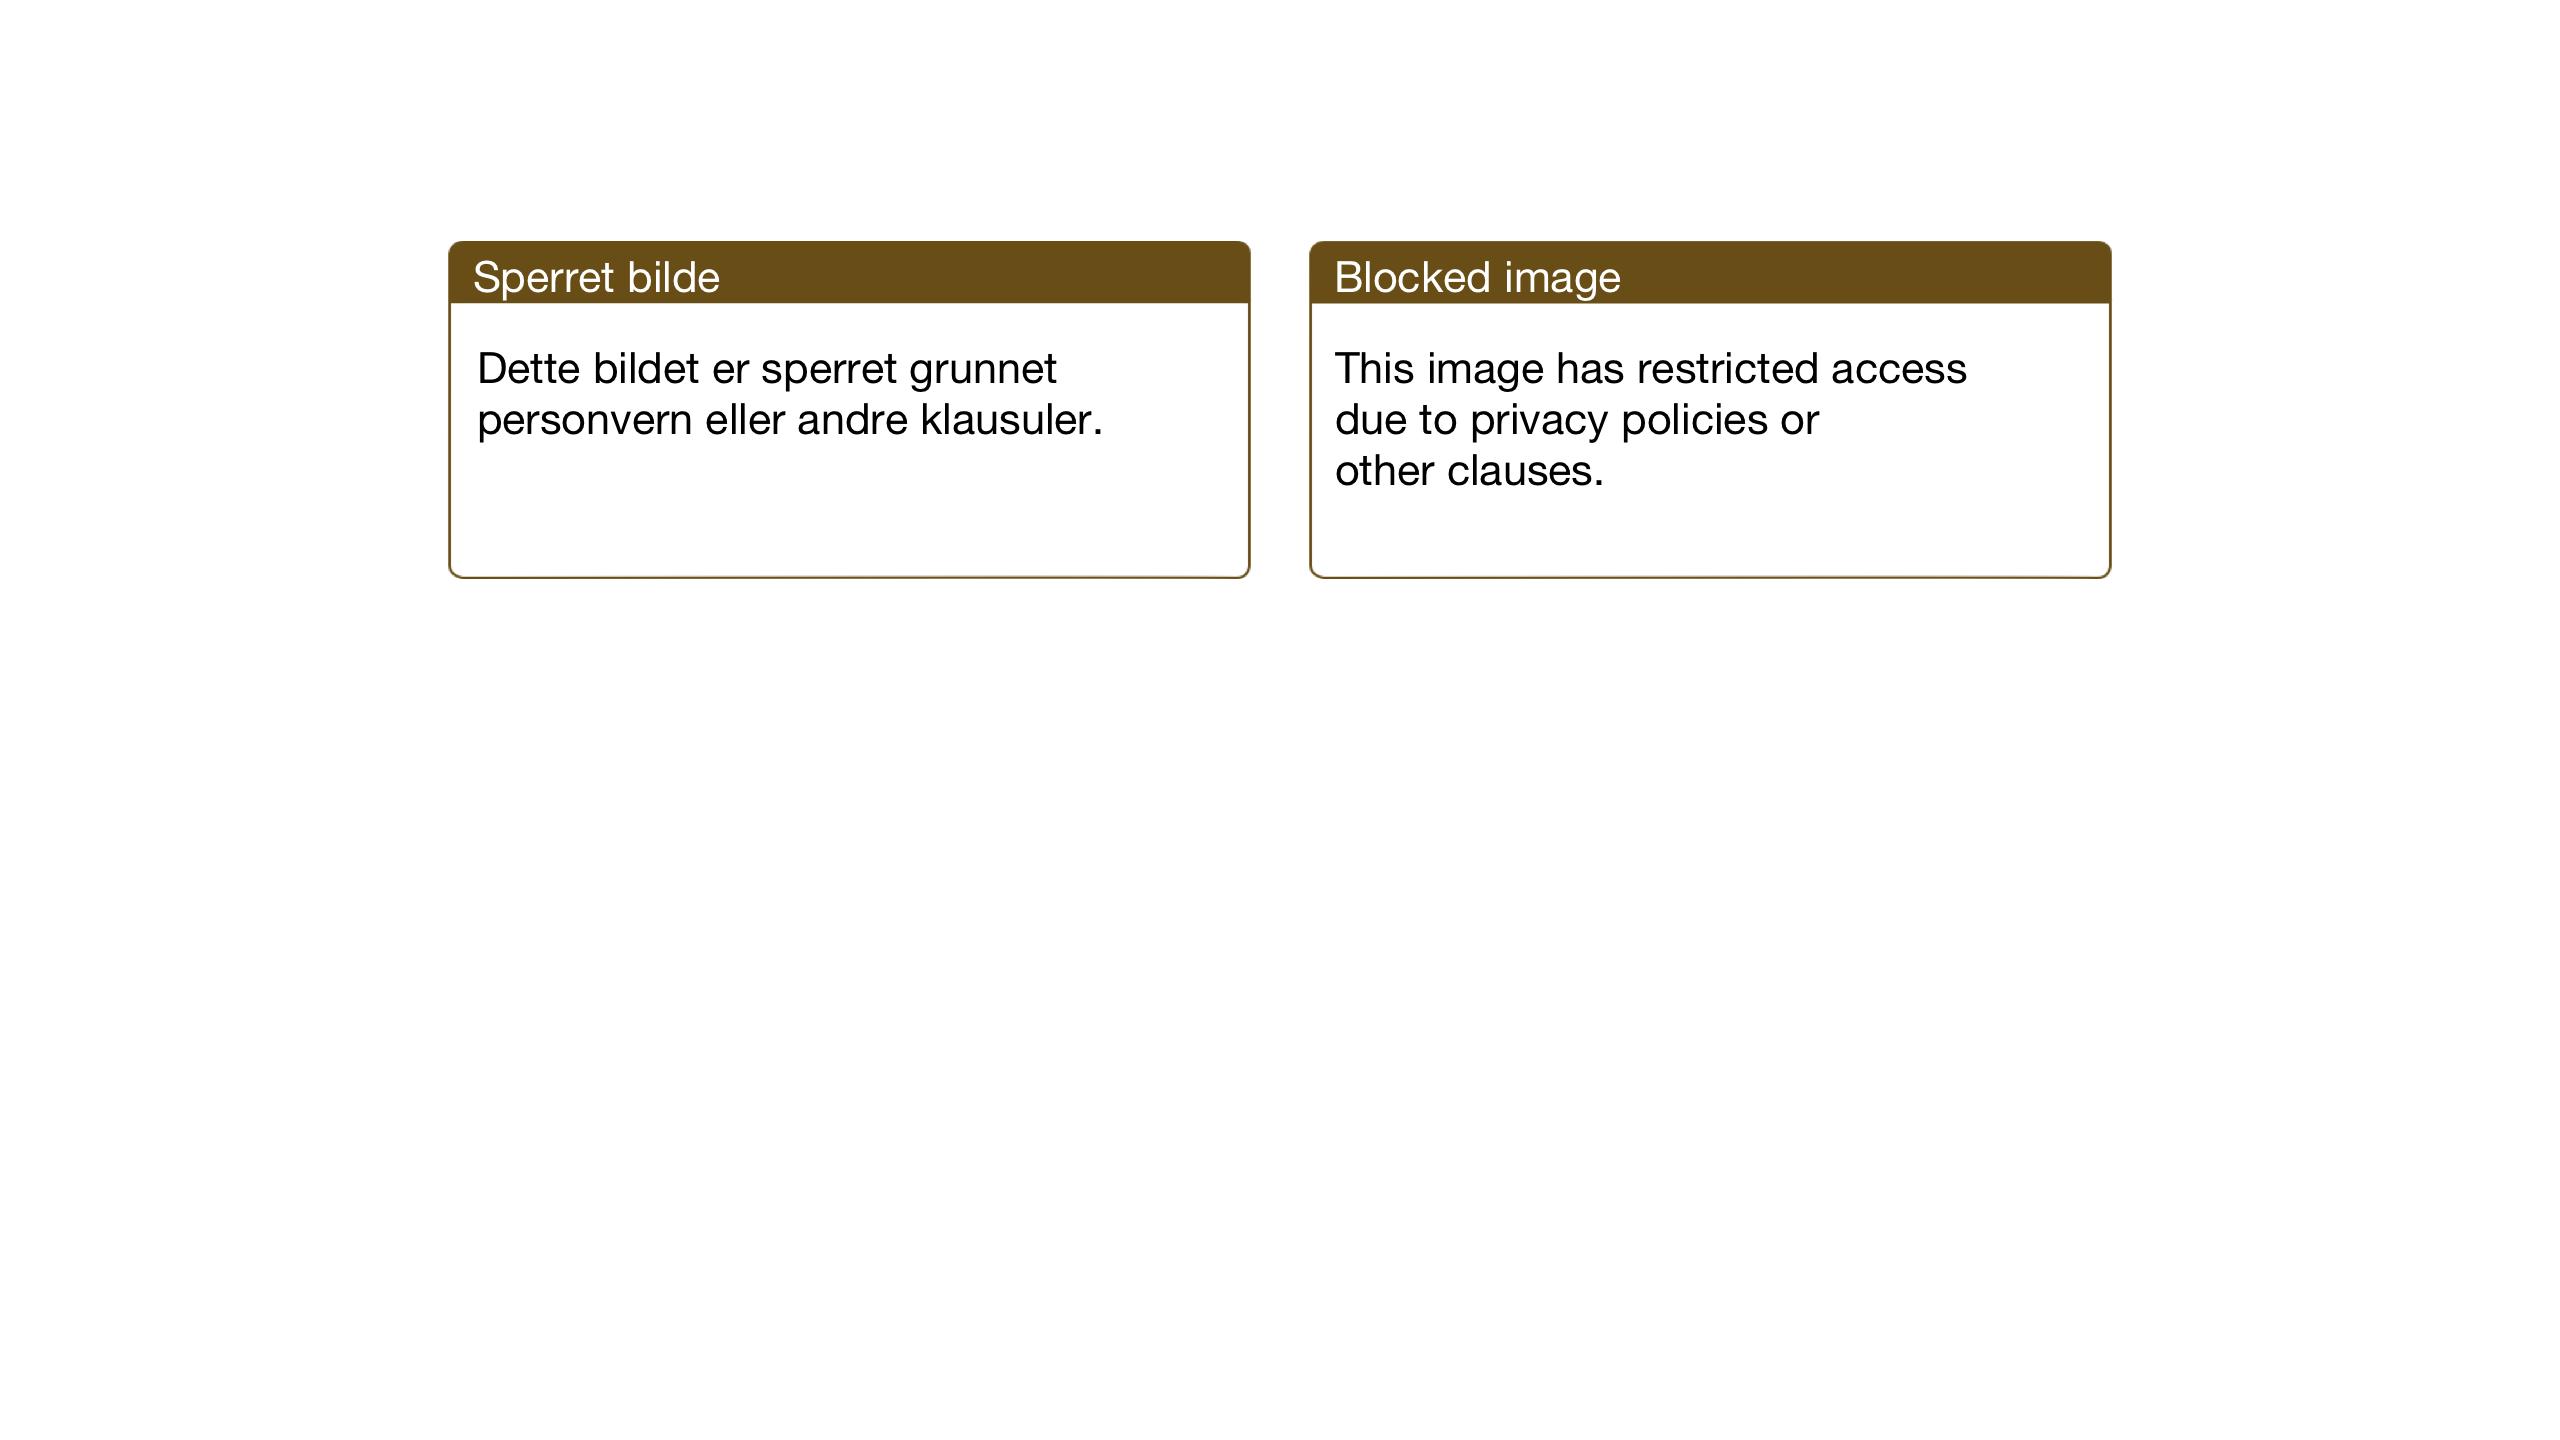 SAB, Voss folkeregister, F/Ff/L0001: Houdregisterkort mottekne frå annan kommune etter 01.12.1994. Omskrivne kort, Kode 3. Svalbard o.l., Utan fast bustad, Bortkomne, Dobbeltregistrert, 1994-2005